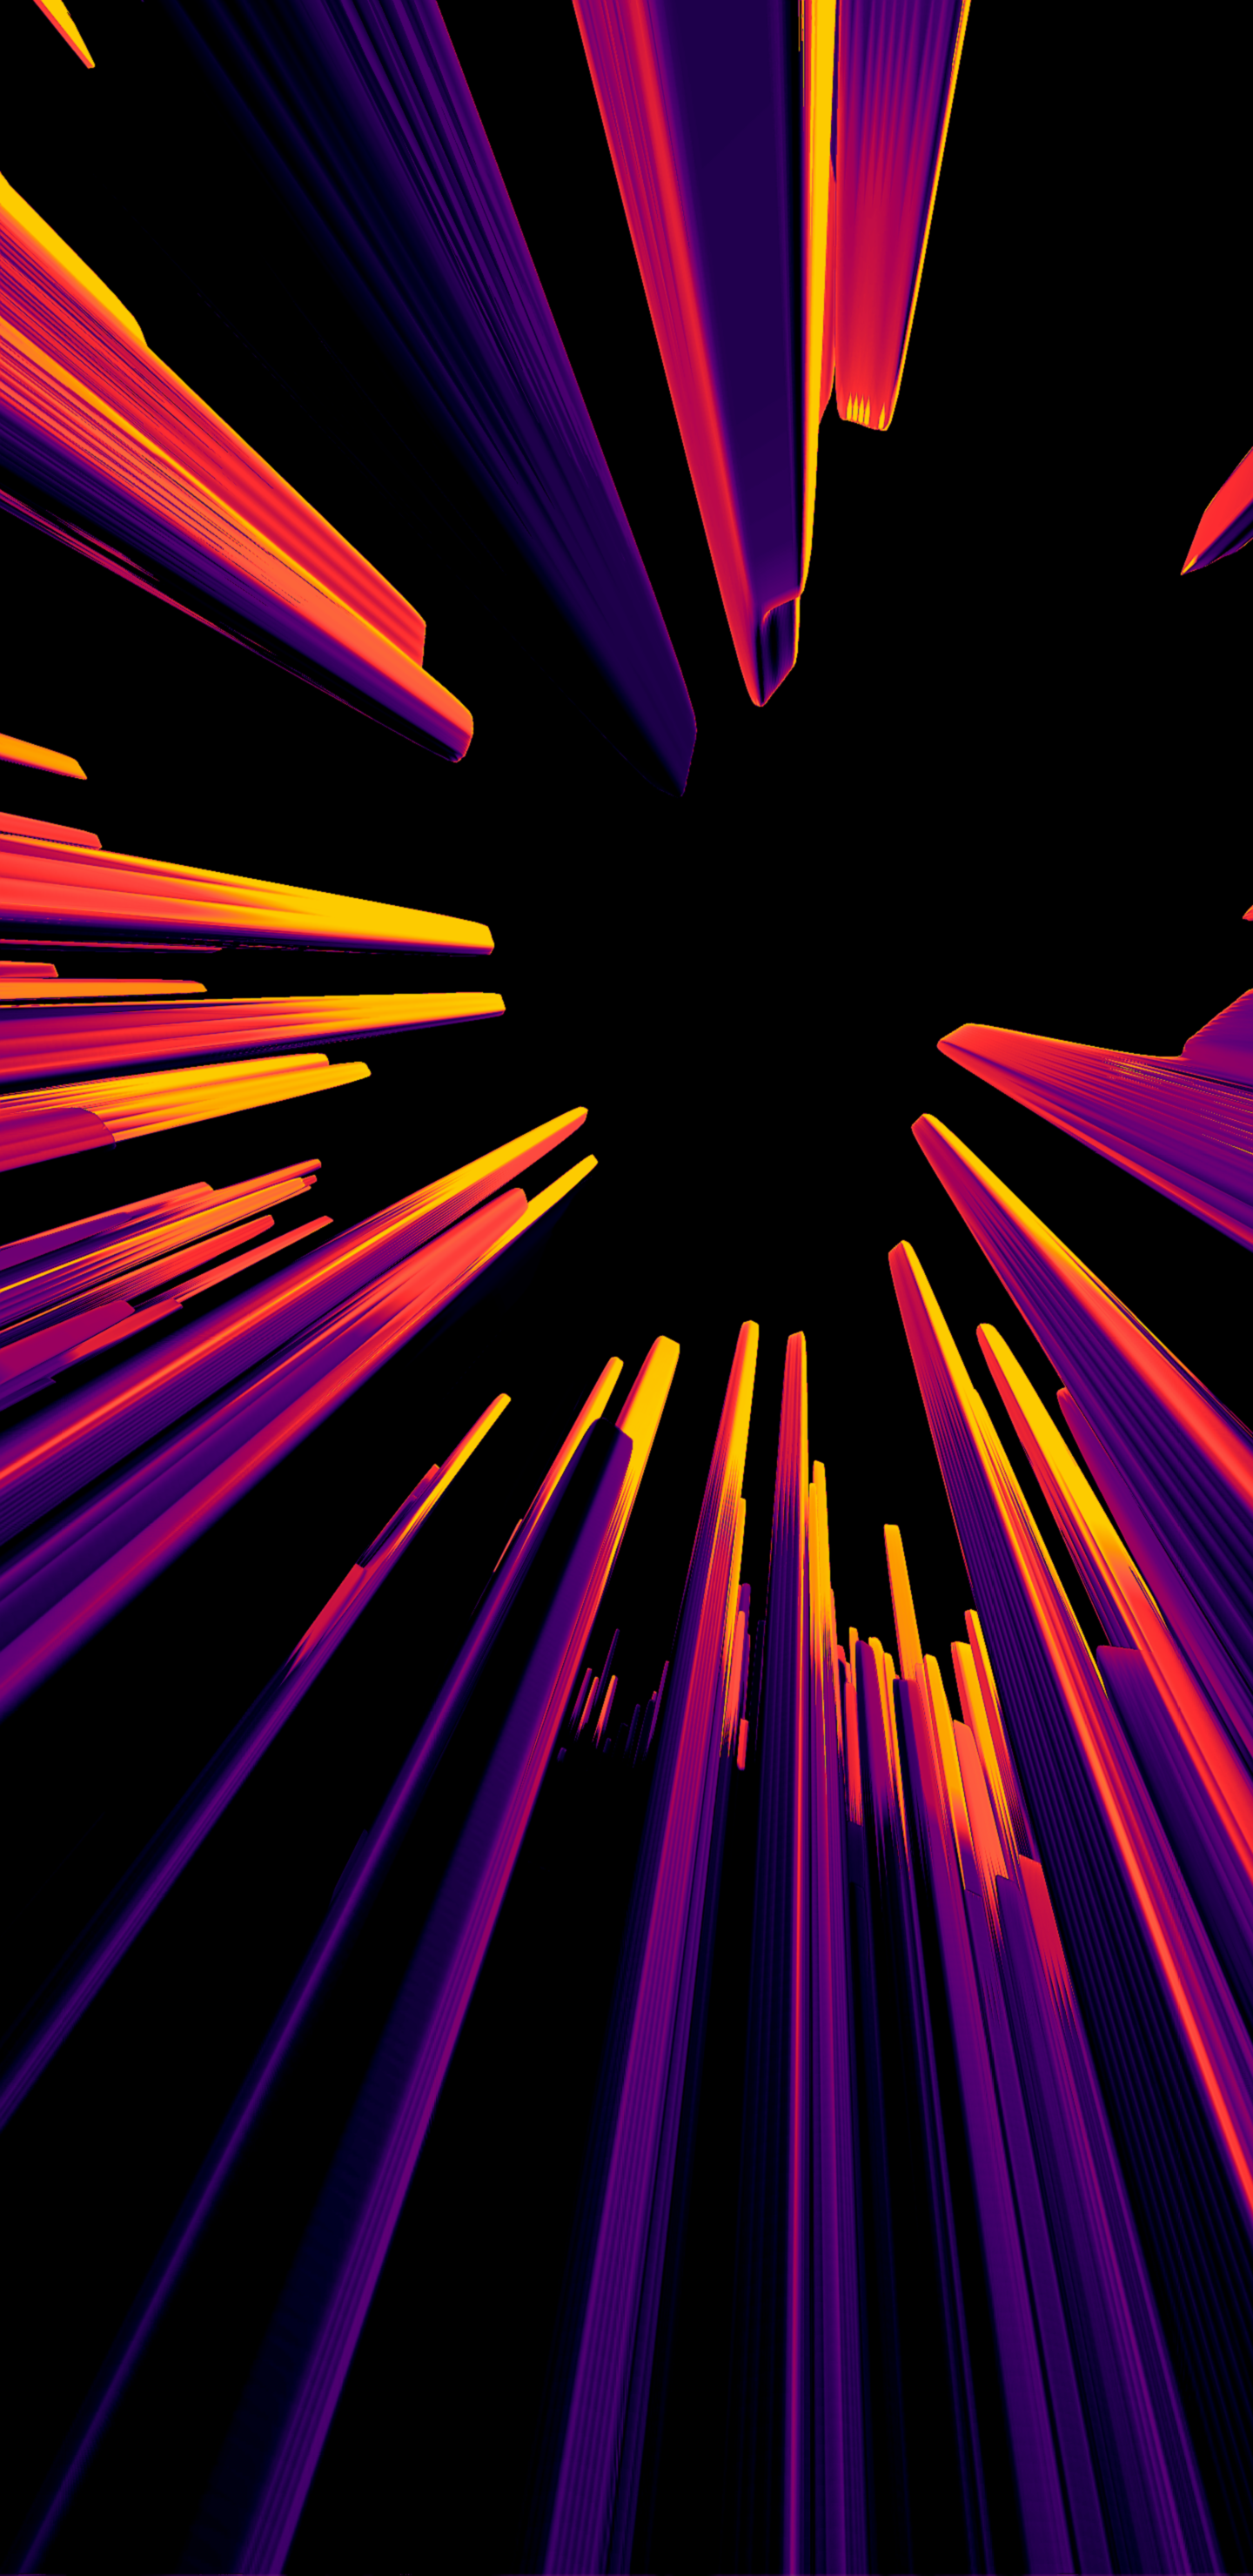 Lightspeed 1440x2960 Colorful Wallpaper 3d Wallpaper Galaxy Wallpaper